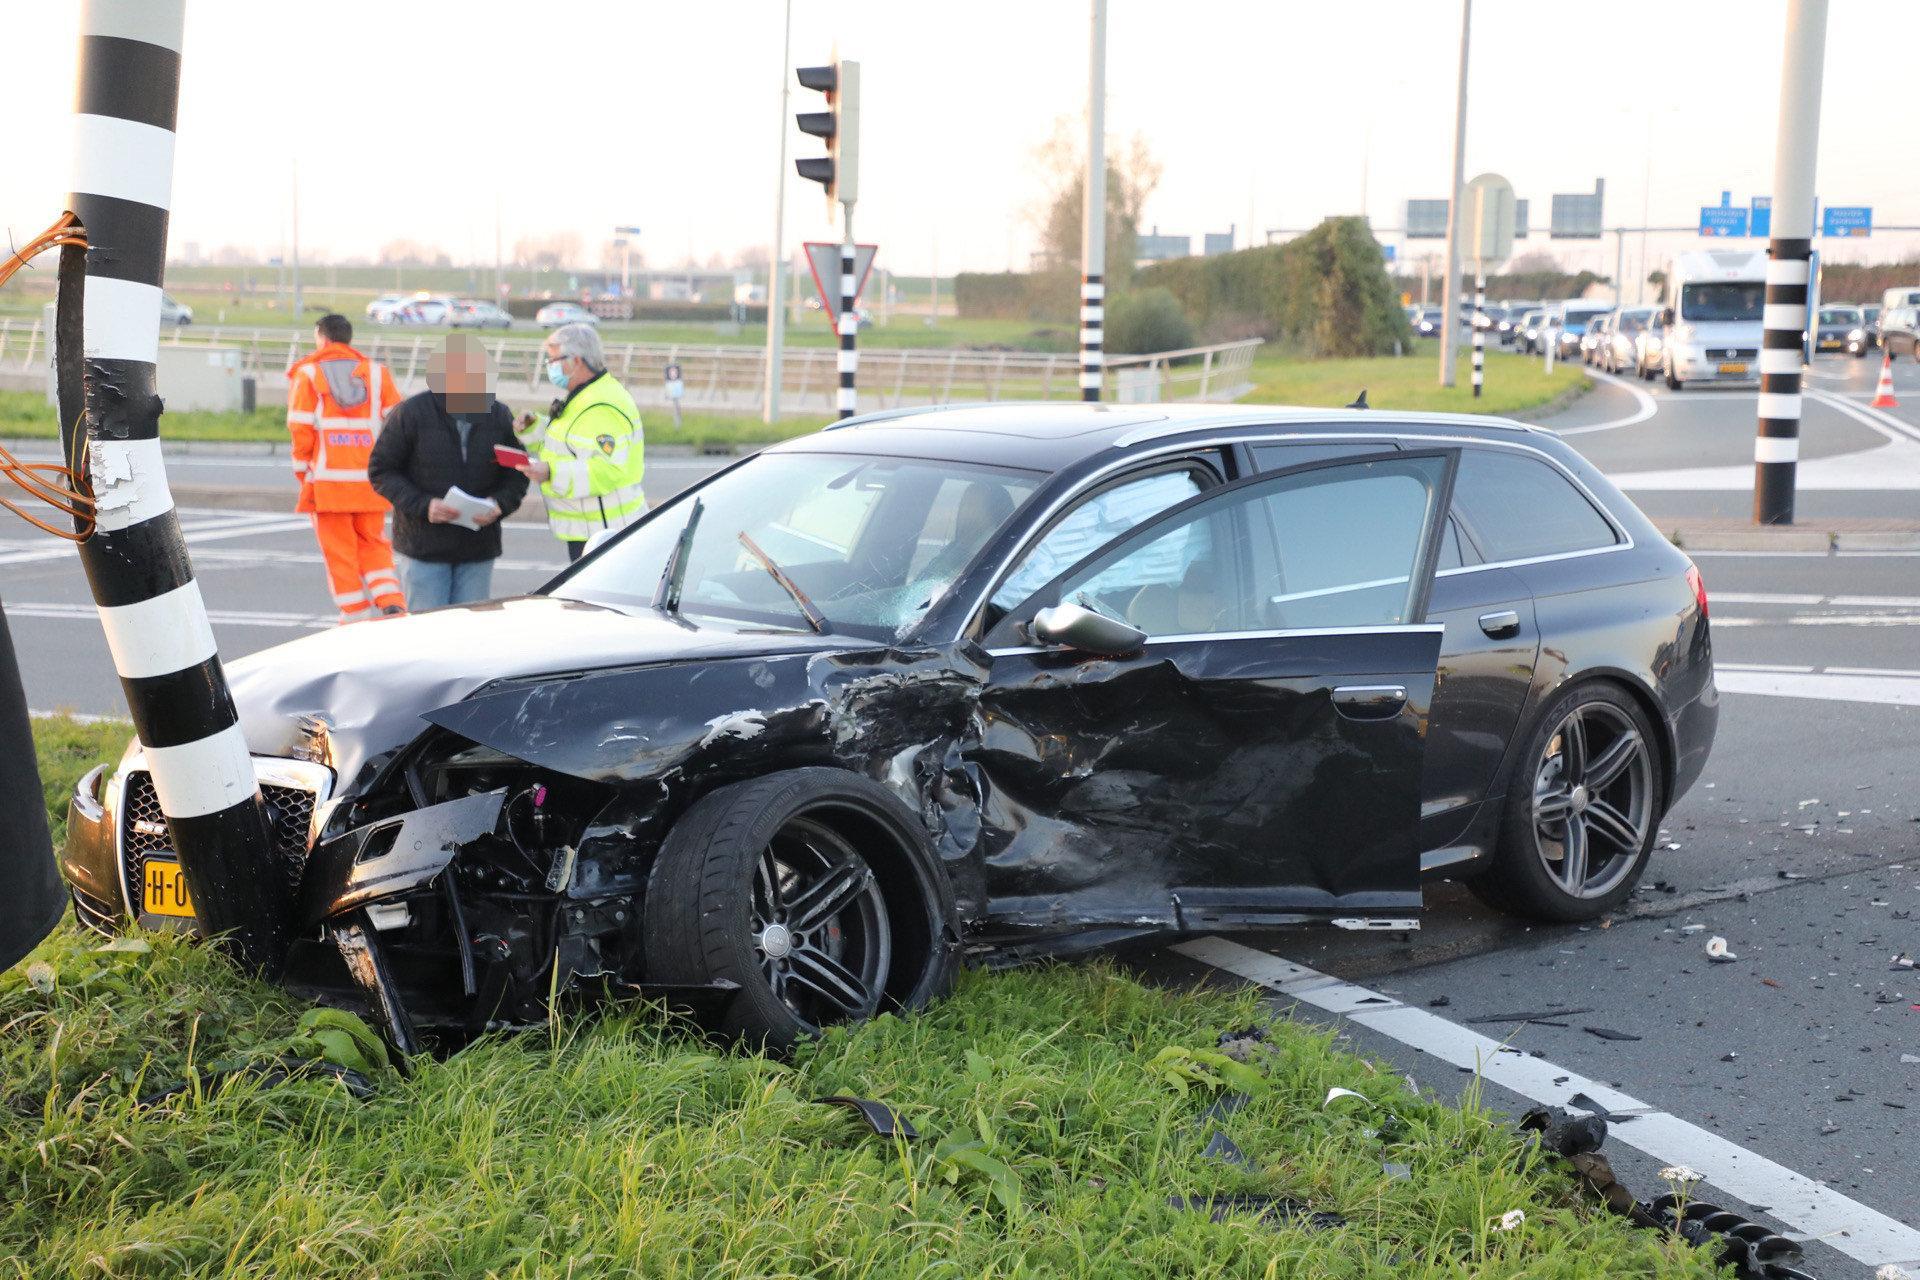 Gewonde bij flink ongeluk bij Vijfhuizen, N205 richting Hoofddorp dicht